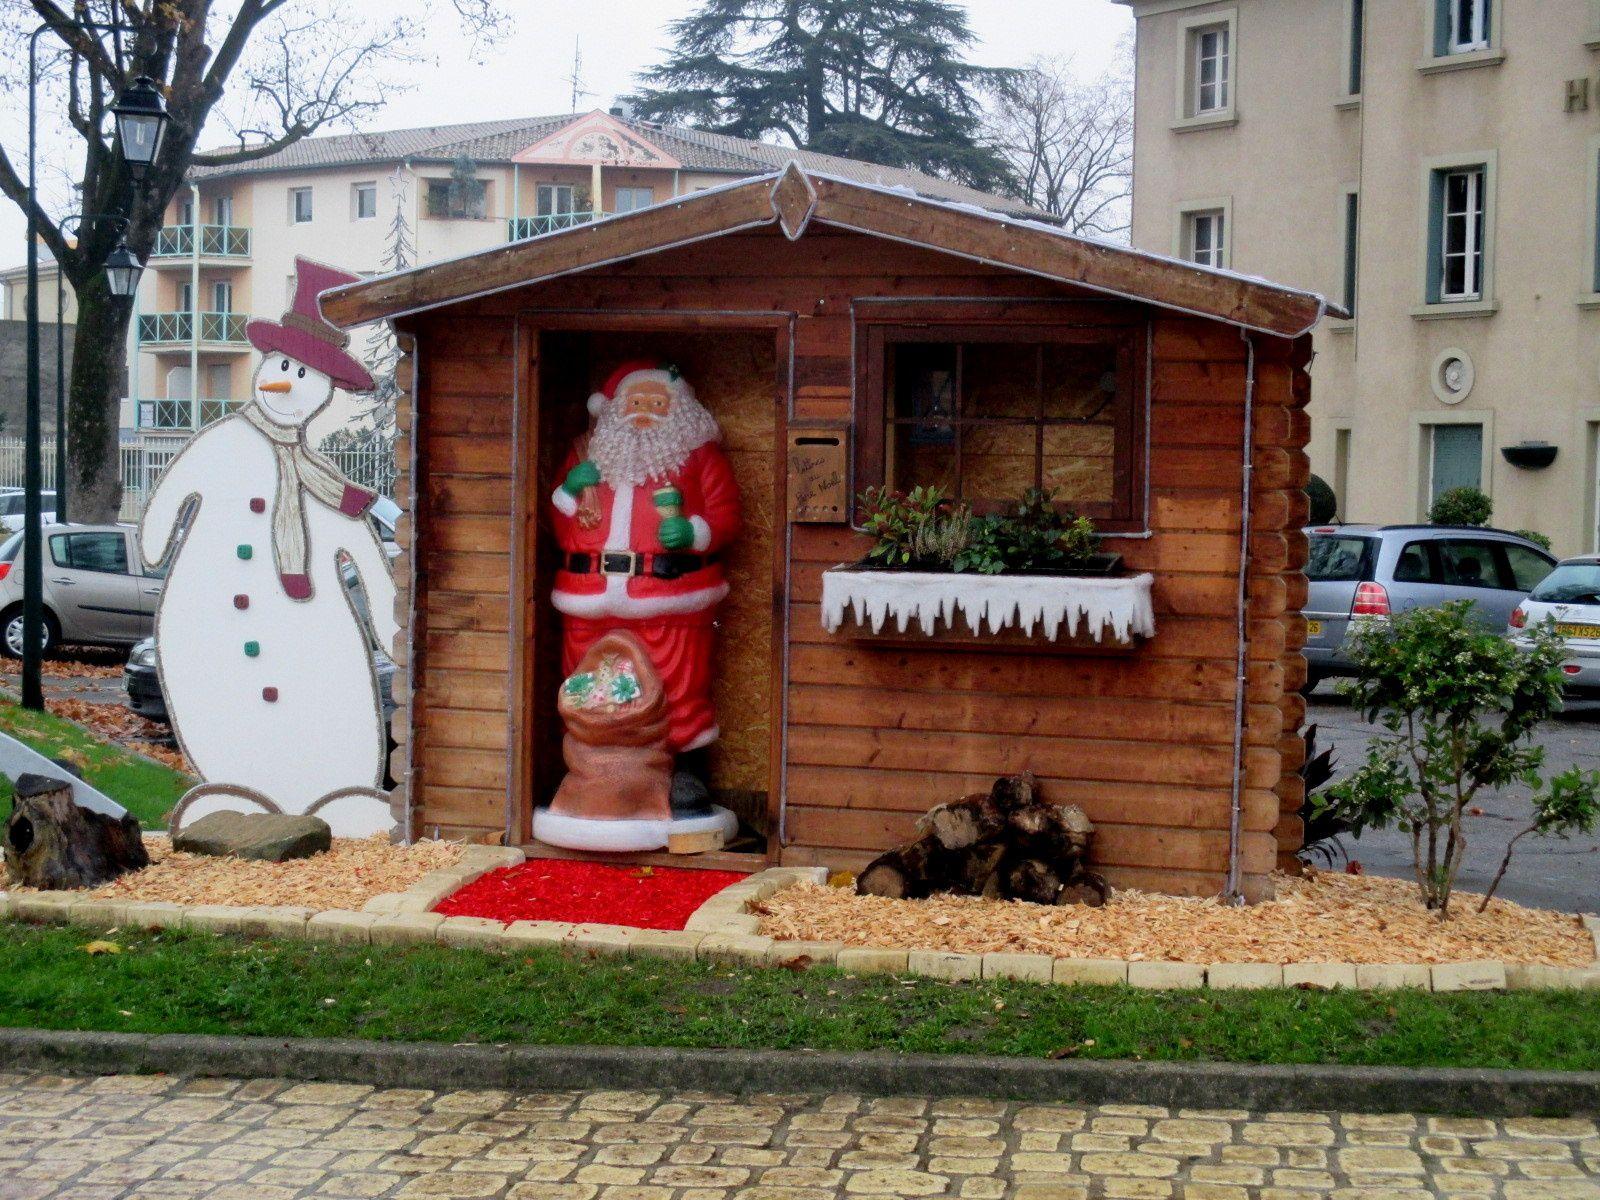 Avant les illuminations, un petit avant-goût des décorations de Noël à Tain-l'Hermitage